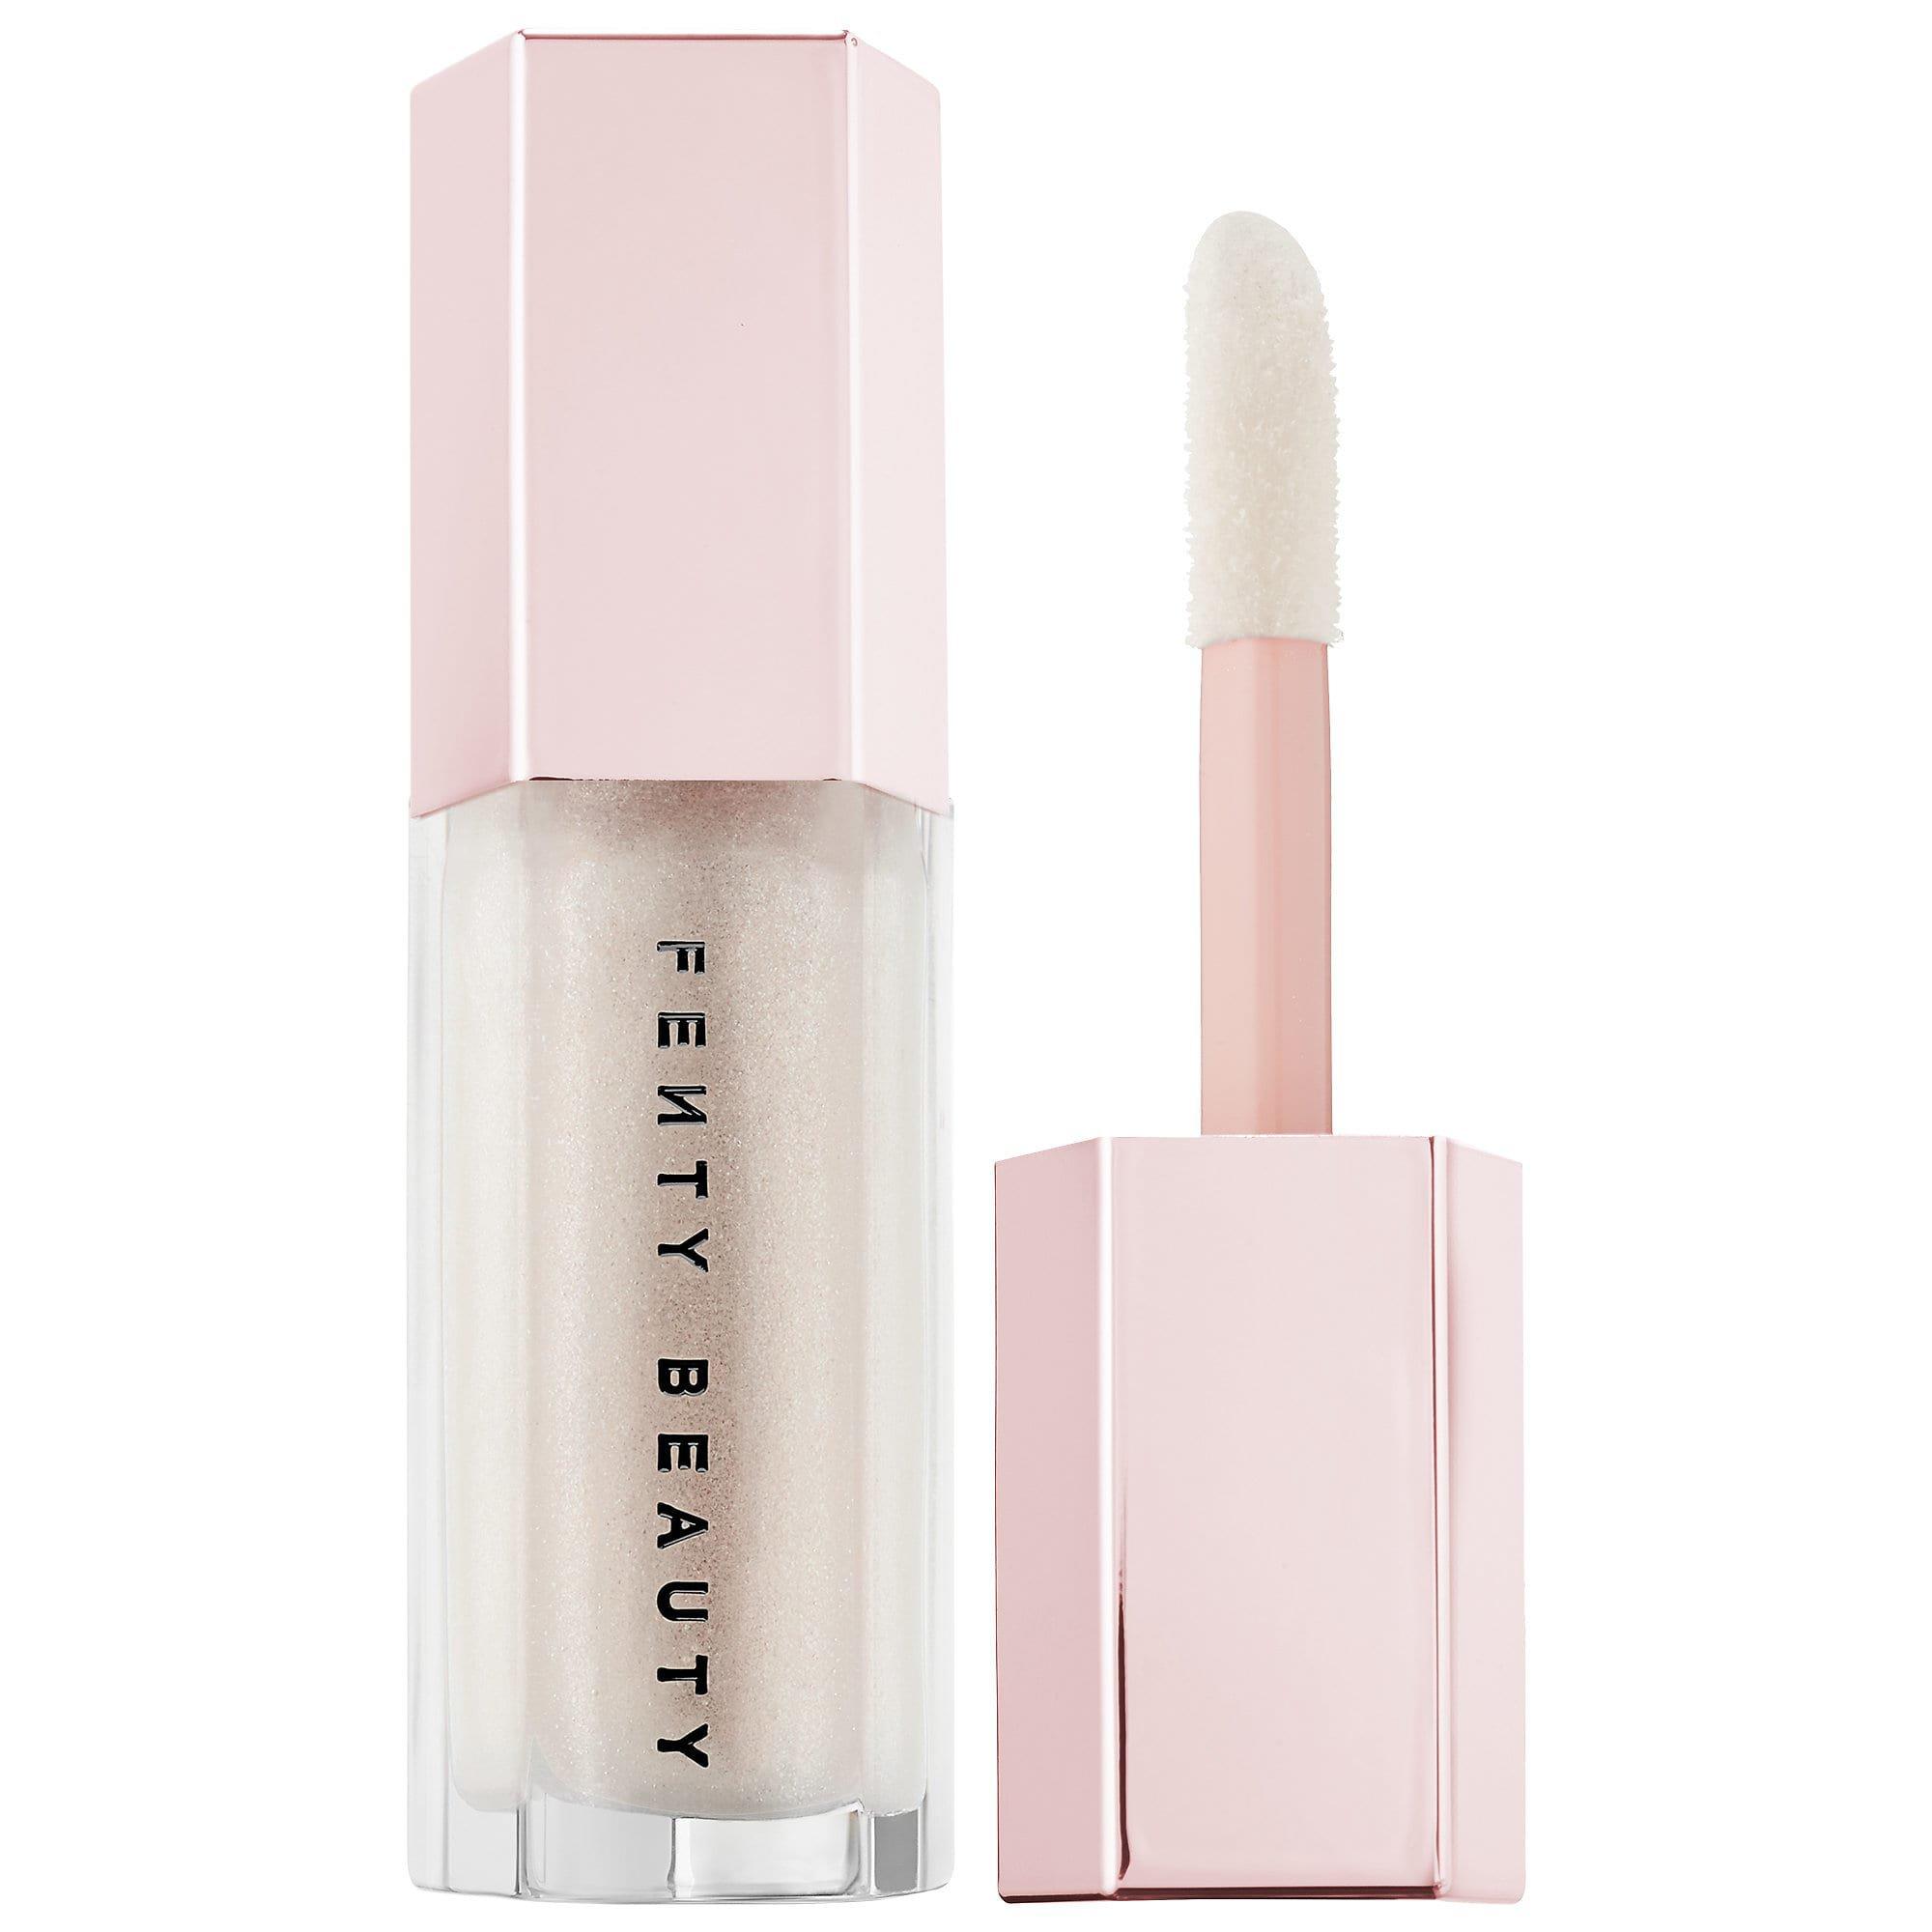 Gloss Bomb Universal Lip Luminizer - FENTY BEAUTY by Rihanna | Sephora